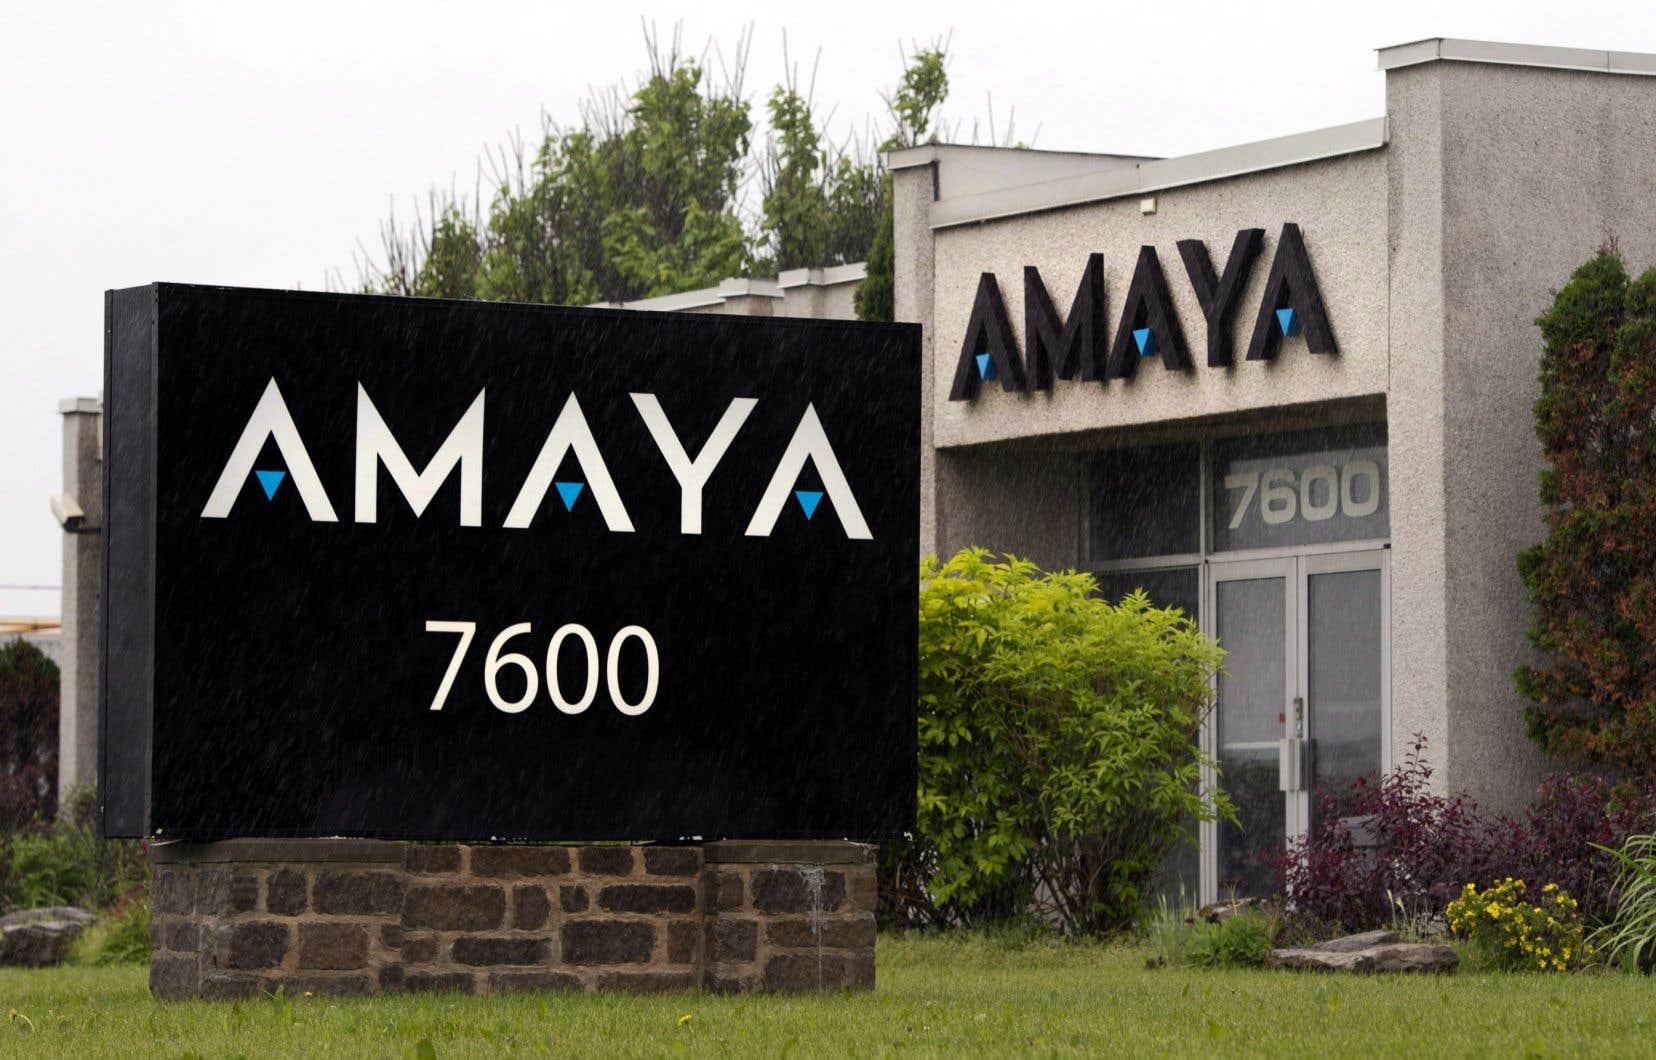 David Baazov fait face à cinq chefs d'accusation, dont un pour tentative d'exercer une influence sur le prix de l'action d'Amaya.